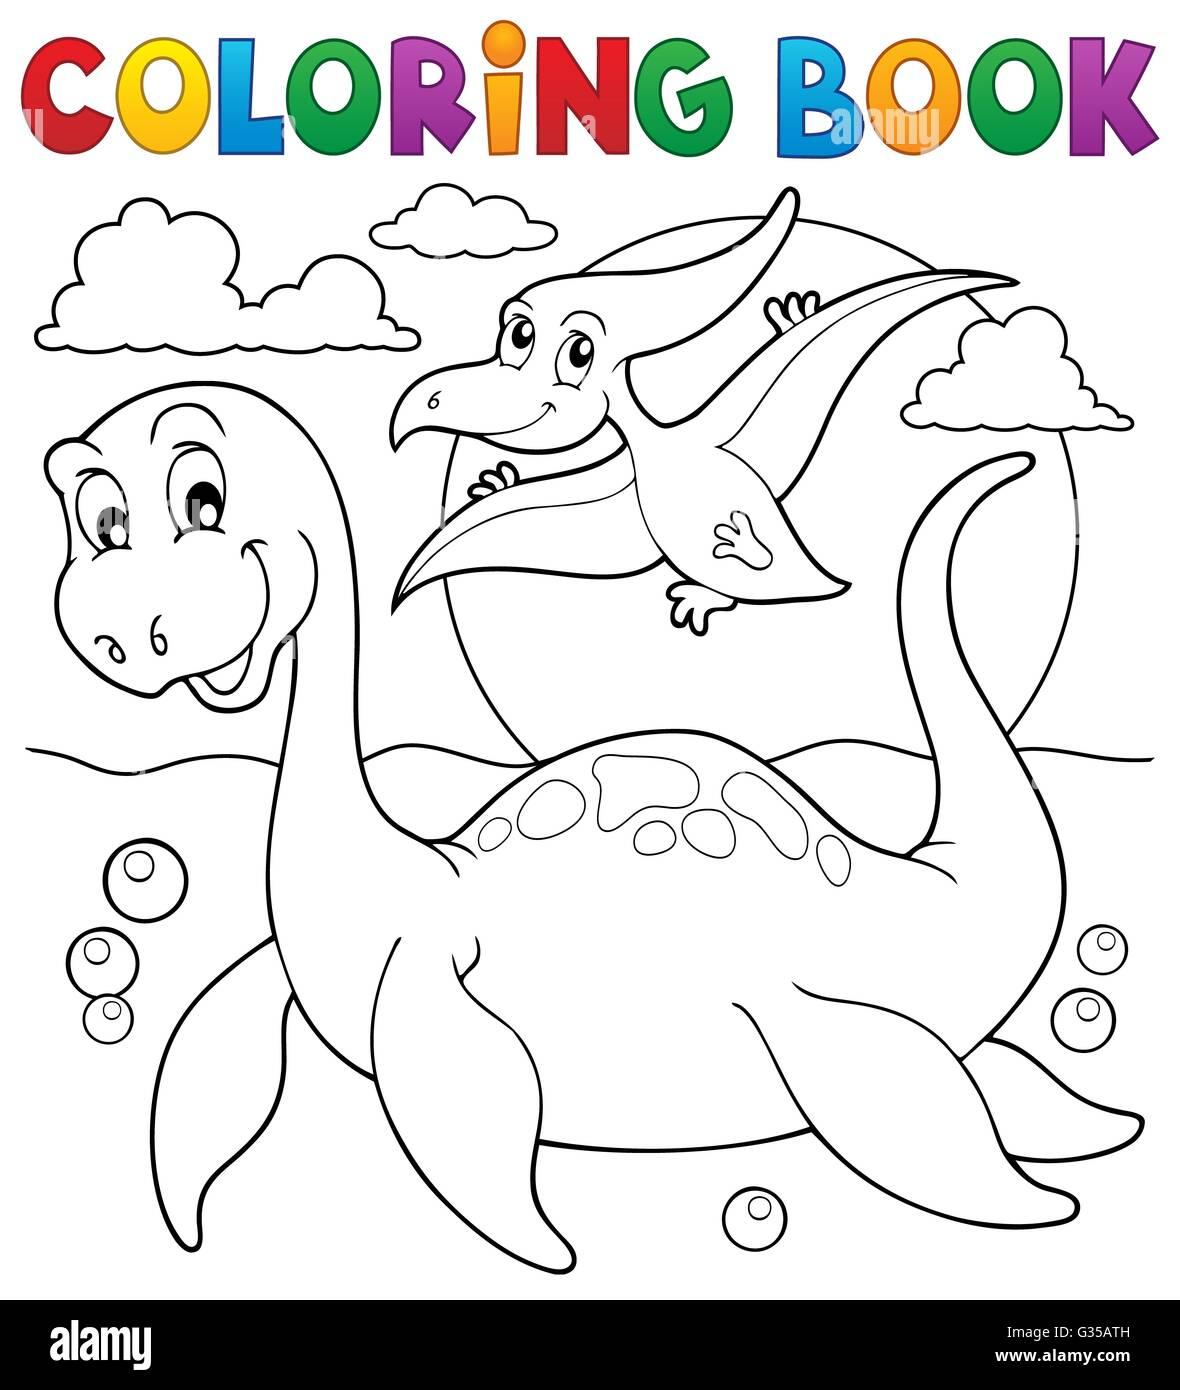 Libro para colorear de dinosaurios - Ilustración imagen Tema 7 Foto ...